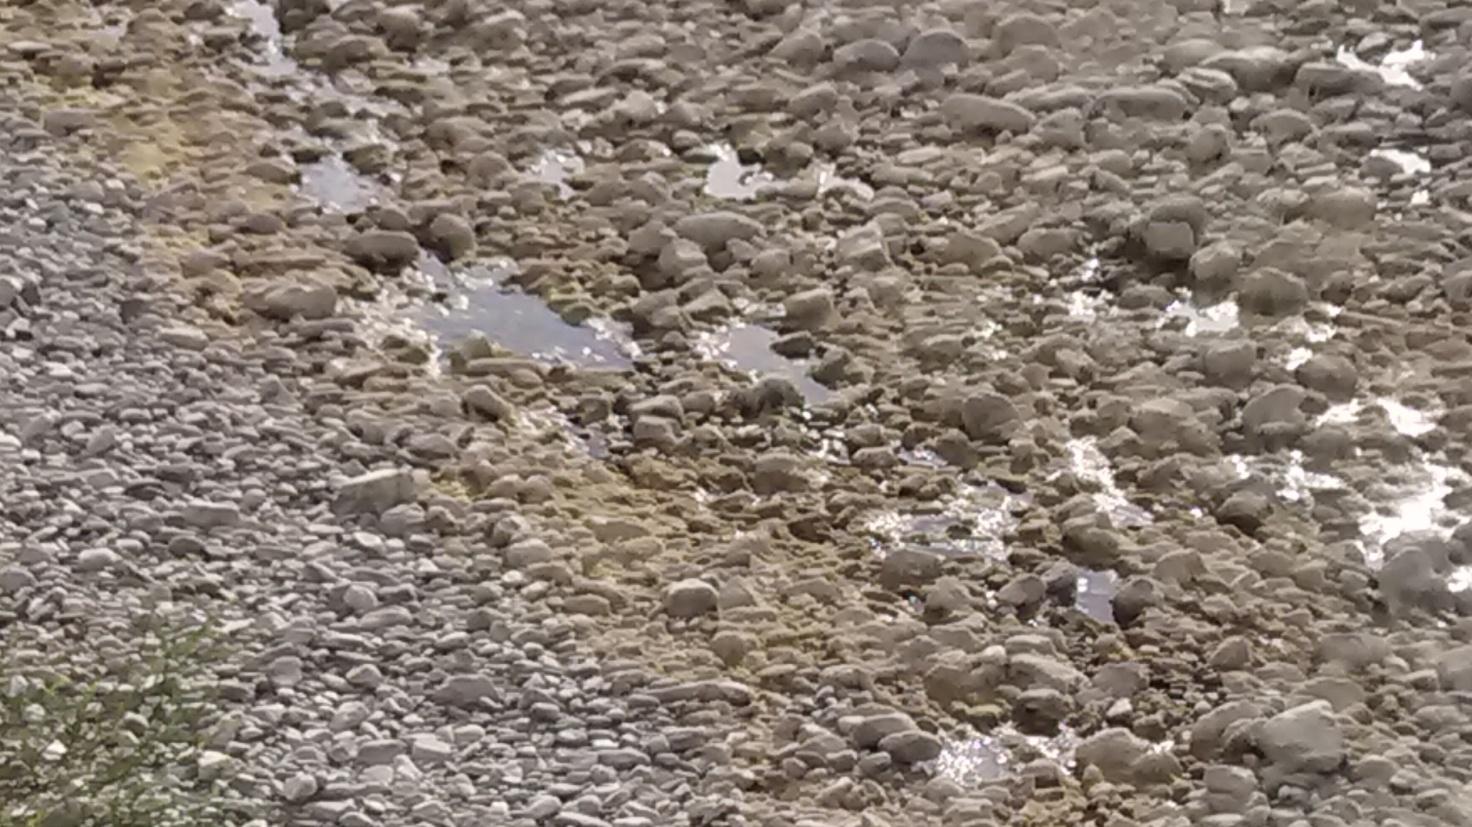 Situazione a valle dell'invaso - foto del 21/07/2014